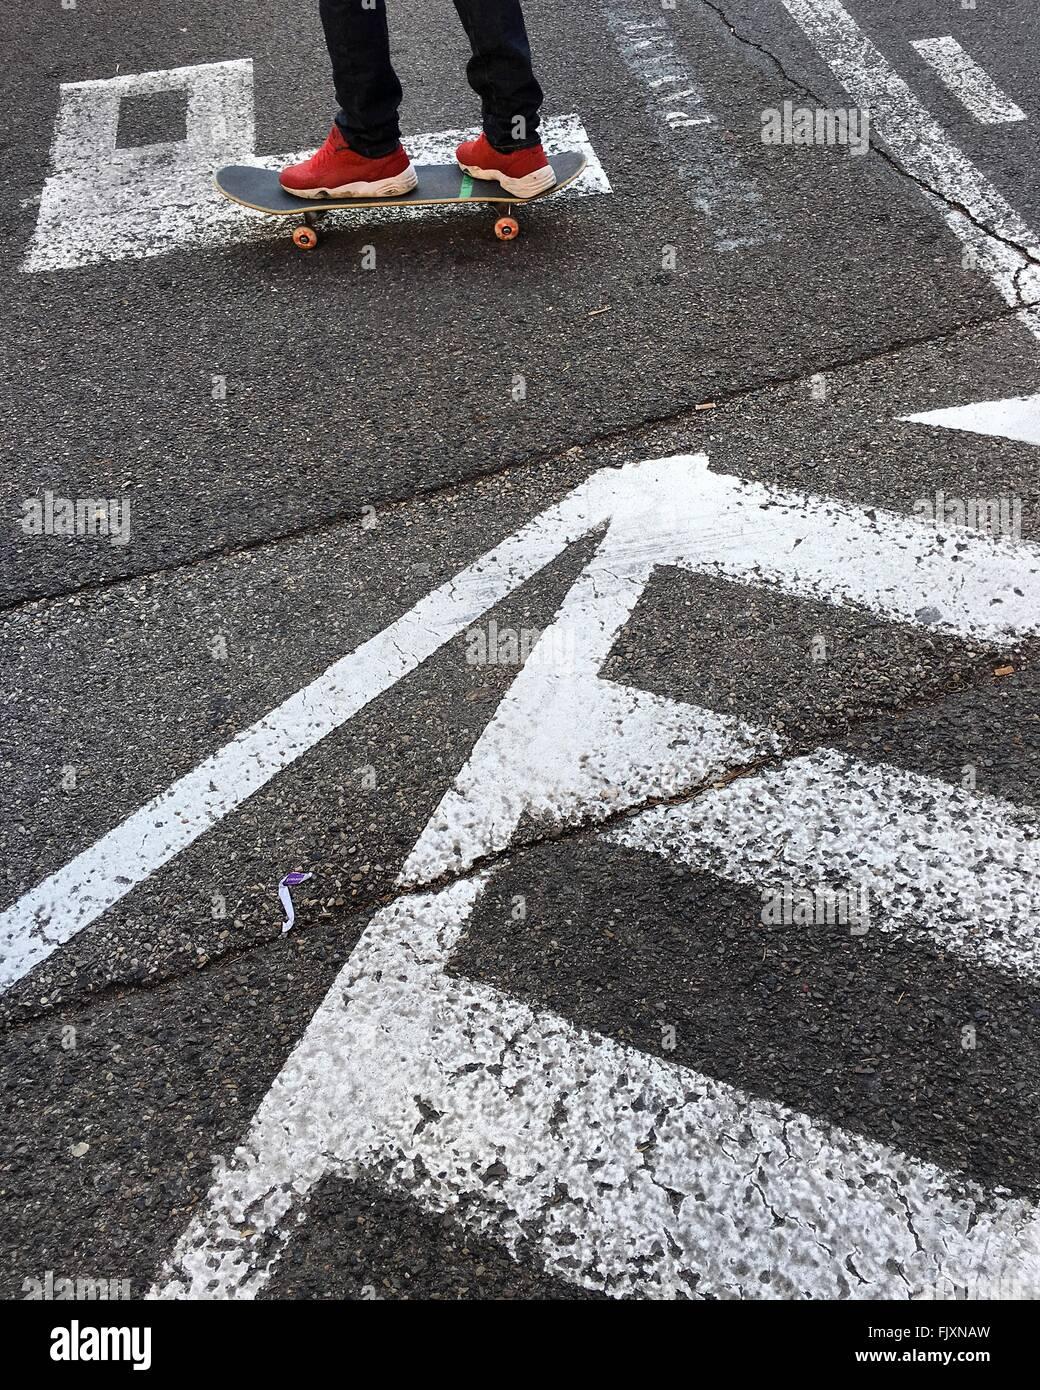 La section basse de l'homme sur la planche à roulettes Photo Stock